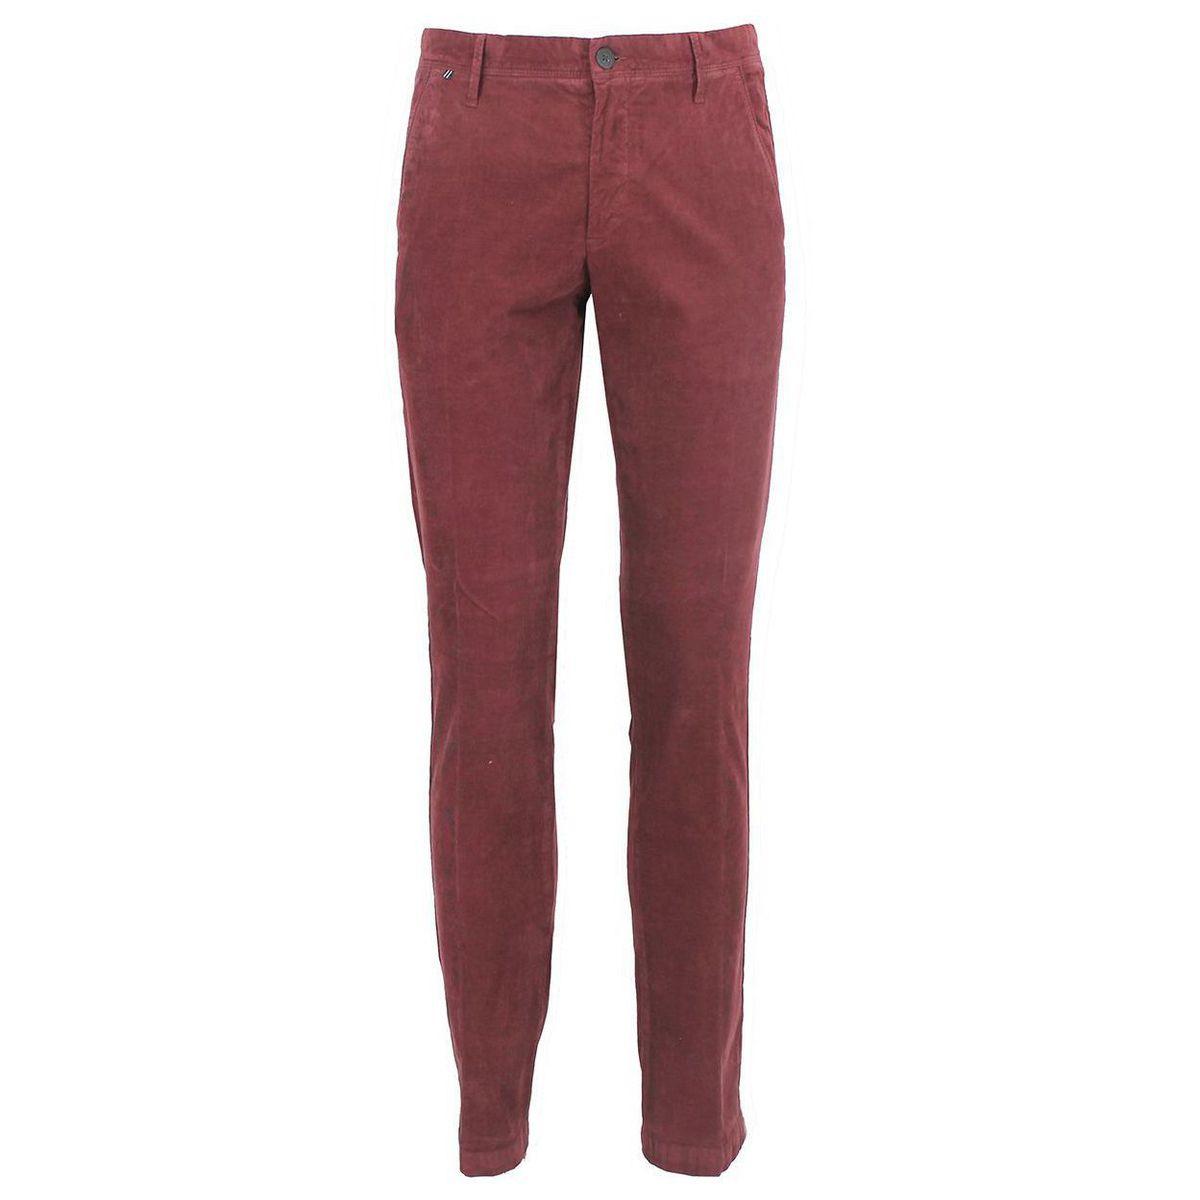 Pantalone di velluto Bordo' At.p.co